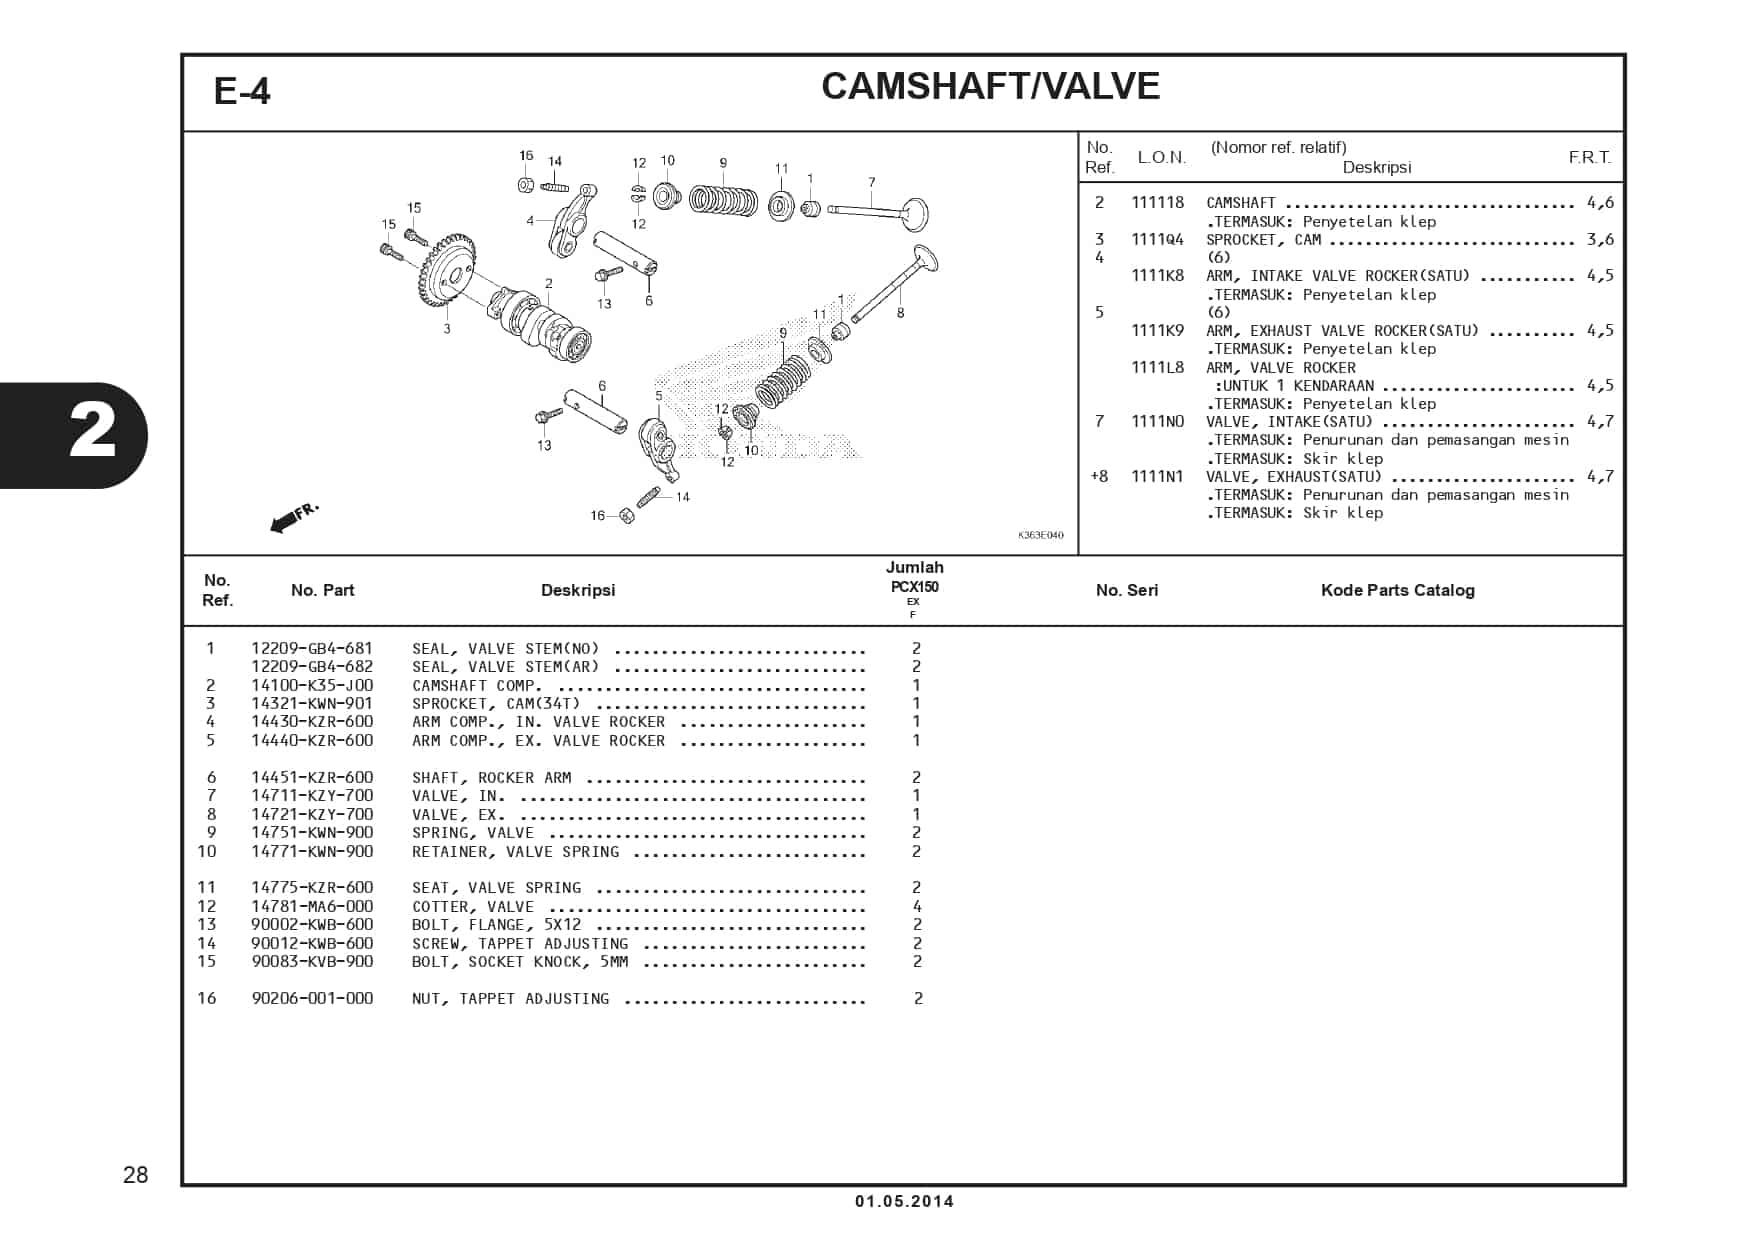 E-4 Camshaft/Valve